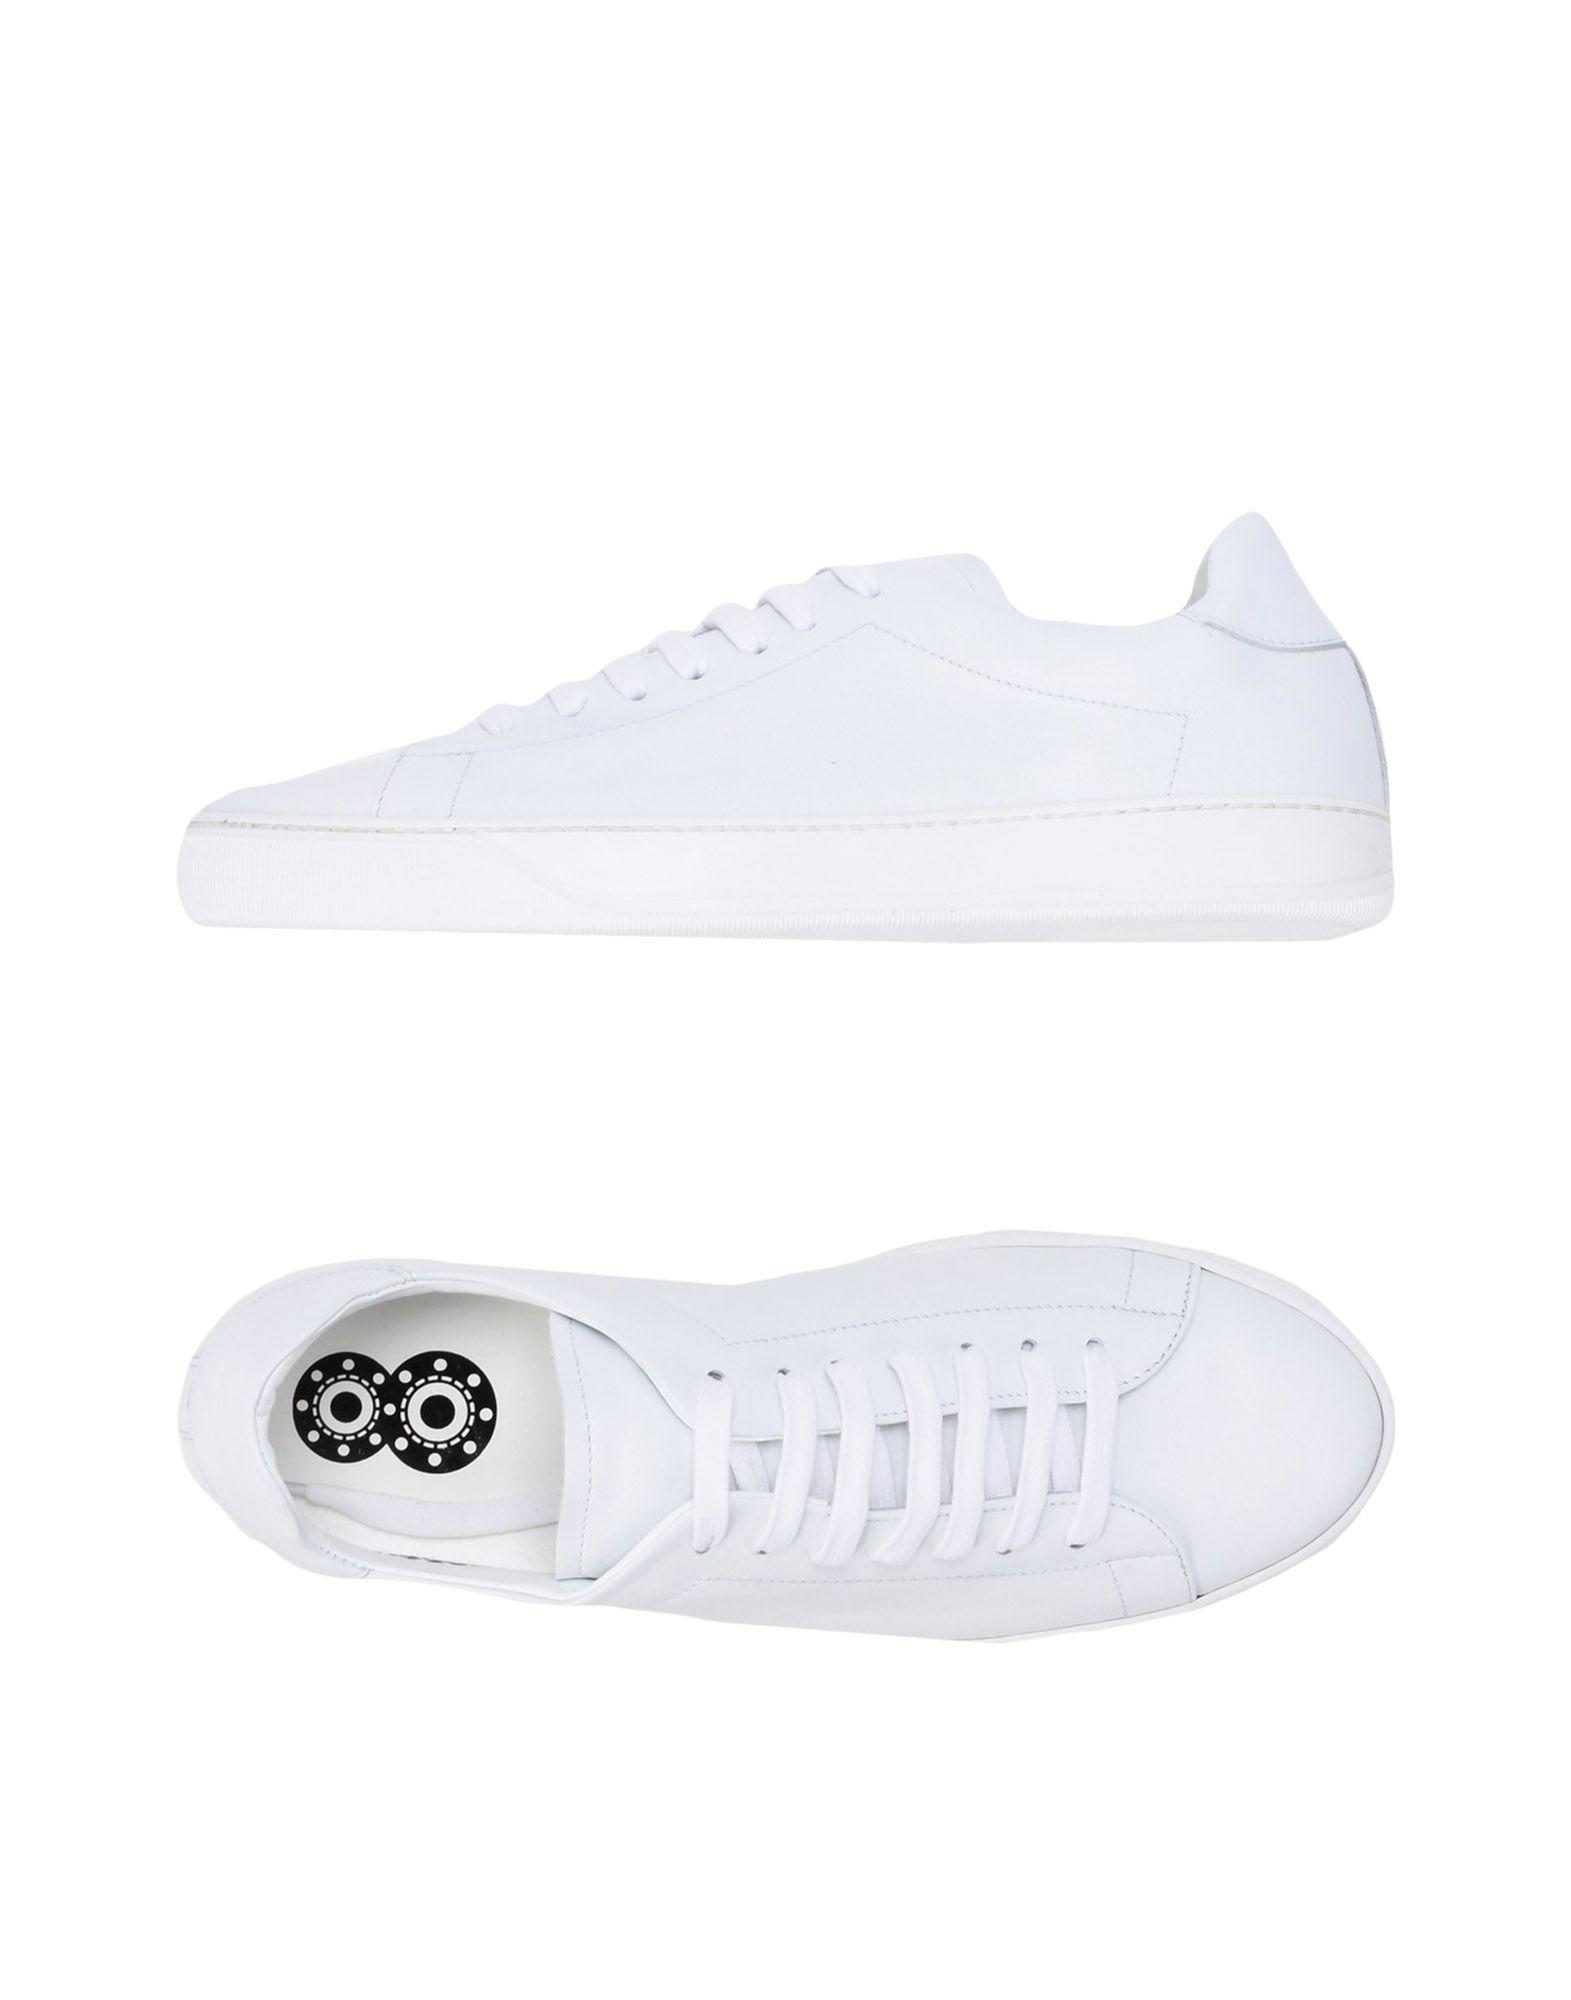 8 Sneakers Herren  11406940HX Heiße Schuhe